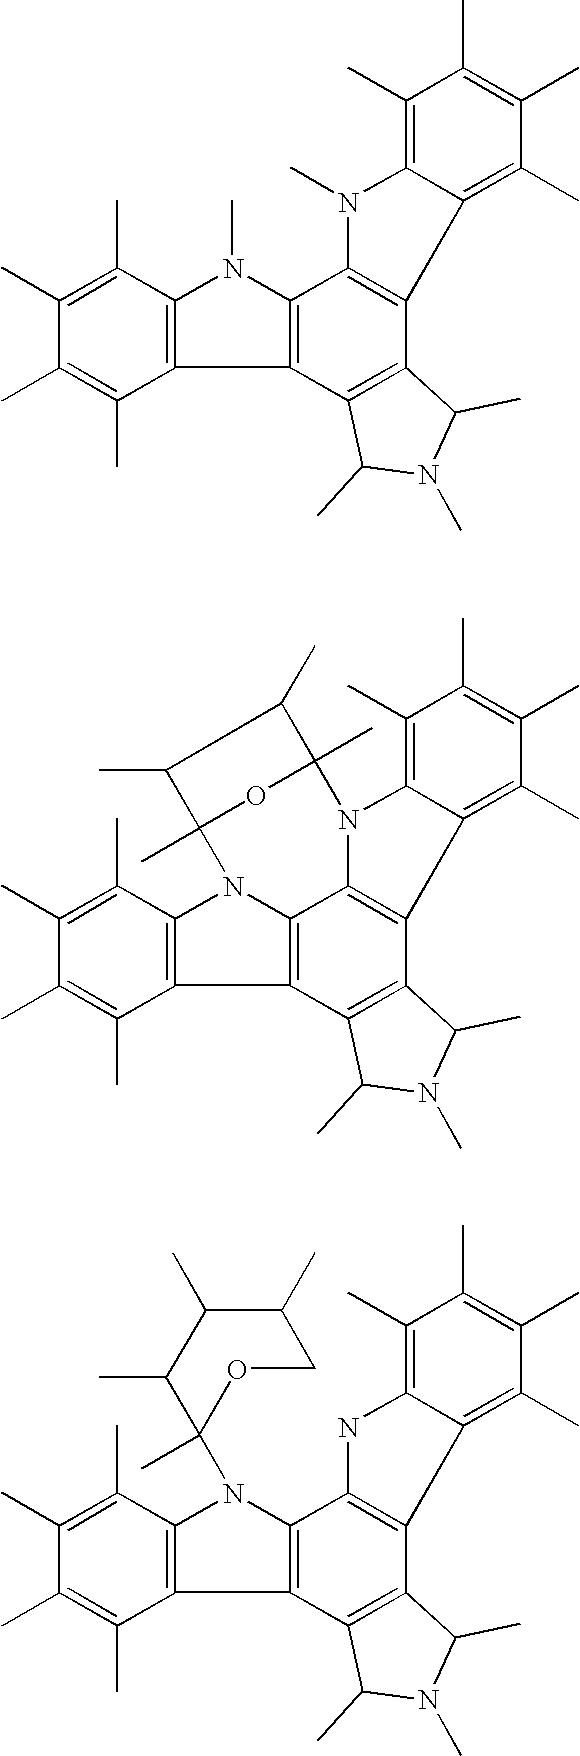 Figure US09463426-20161011-C00002